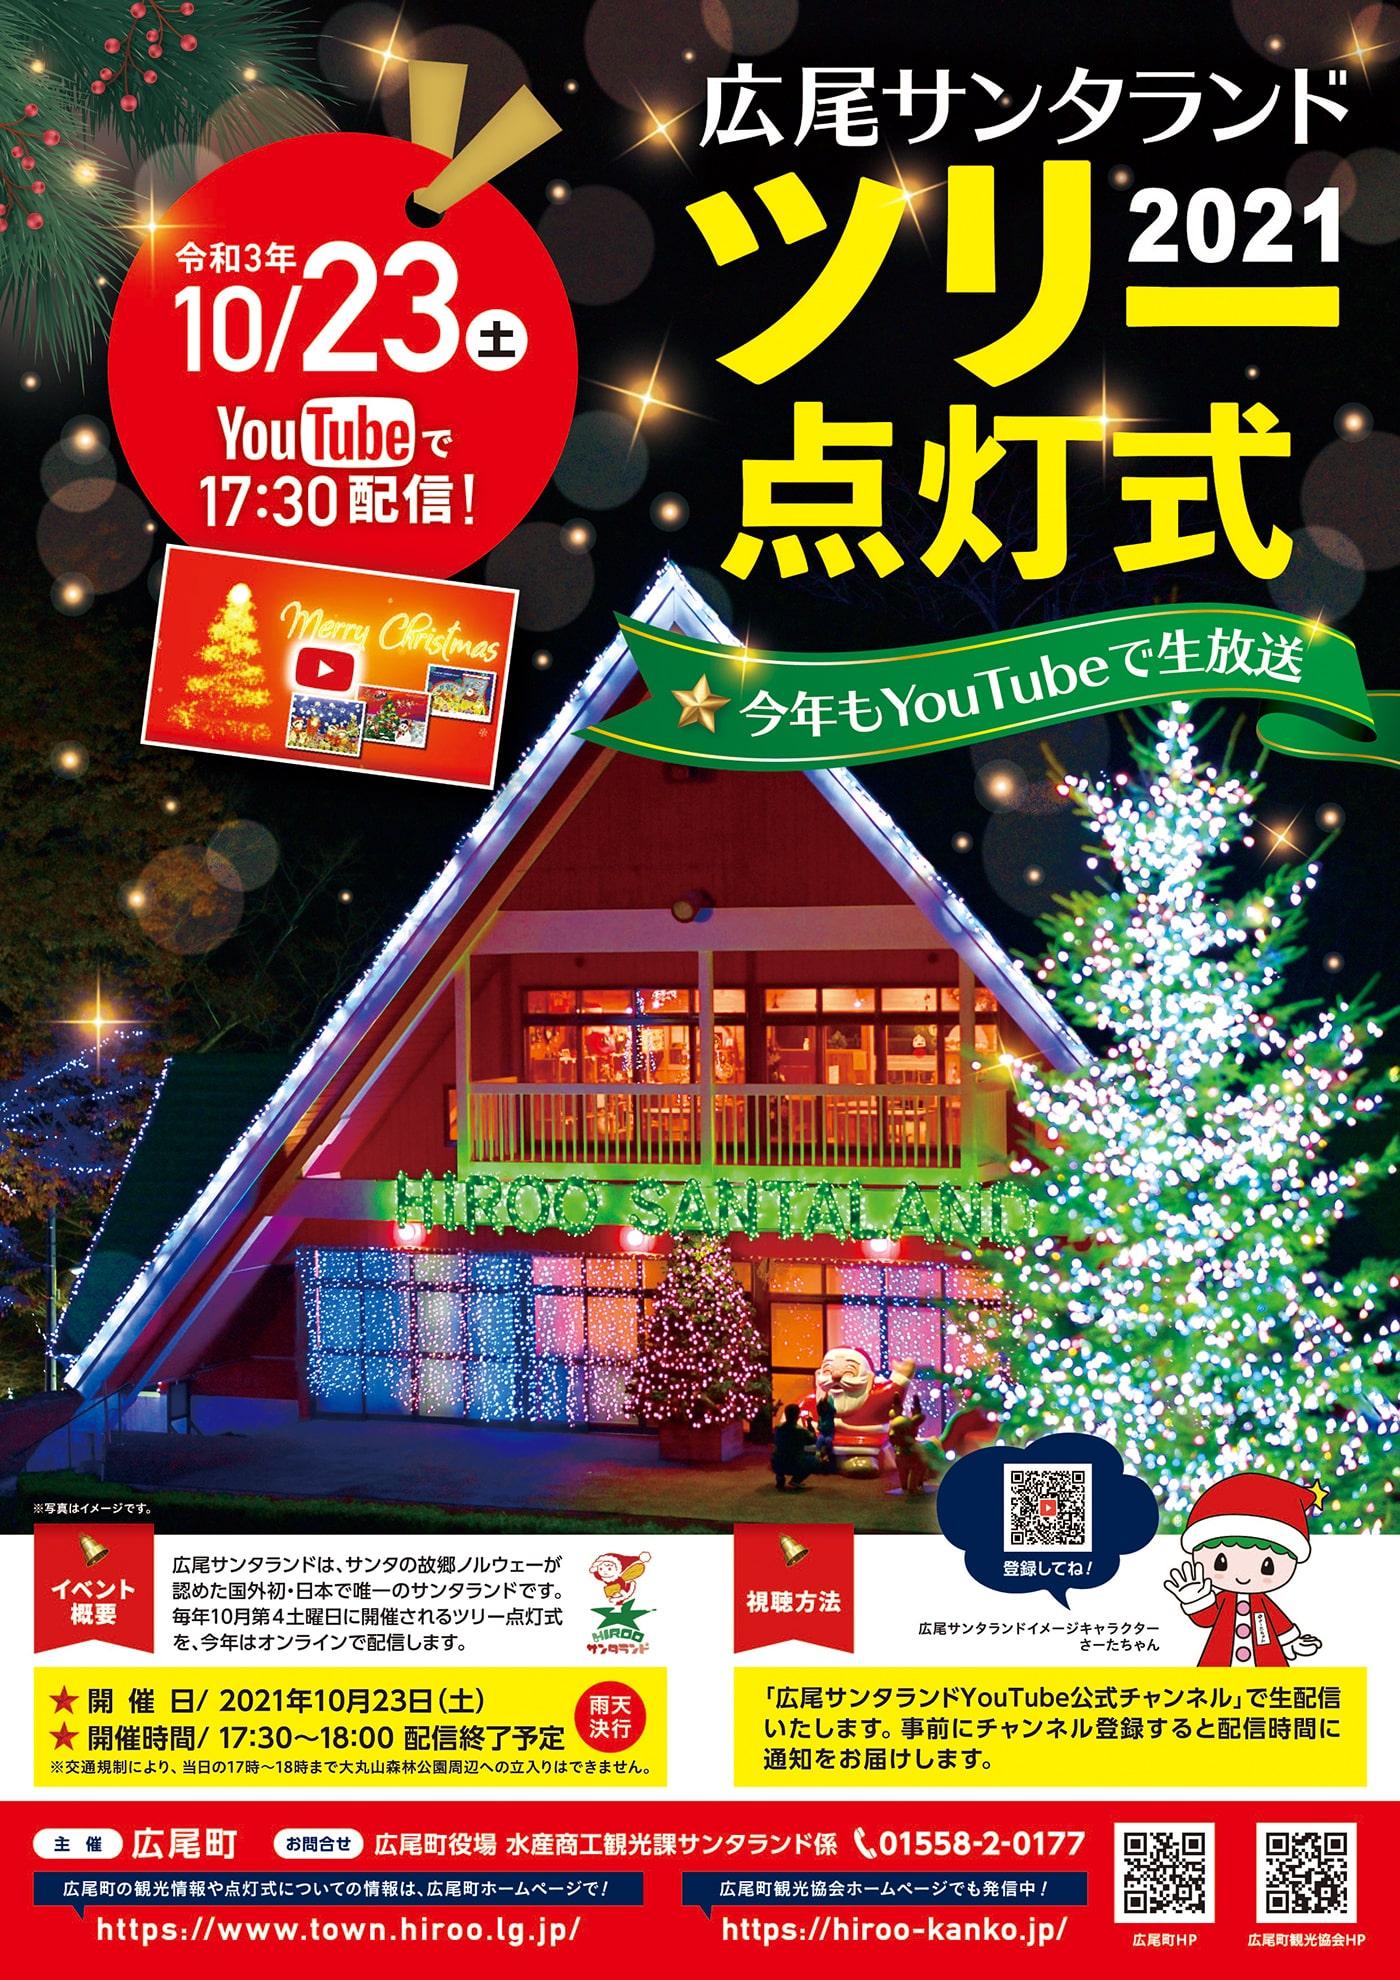 【2021広尾サンタランド】生配信オンライン点灯式!